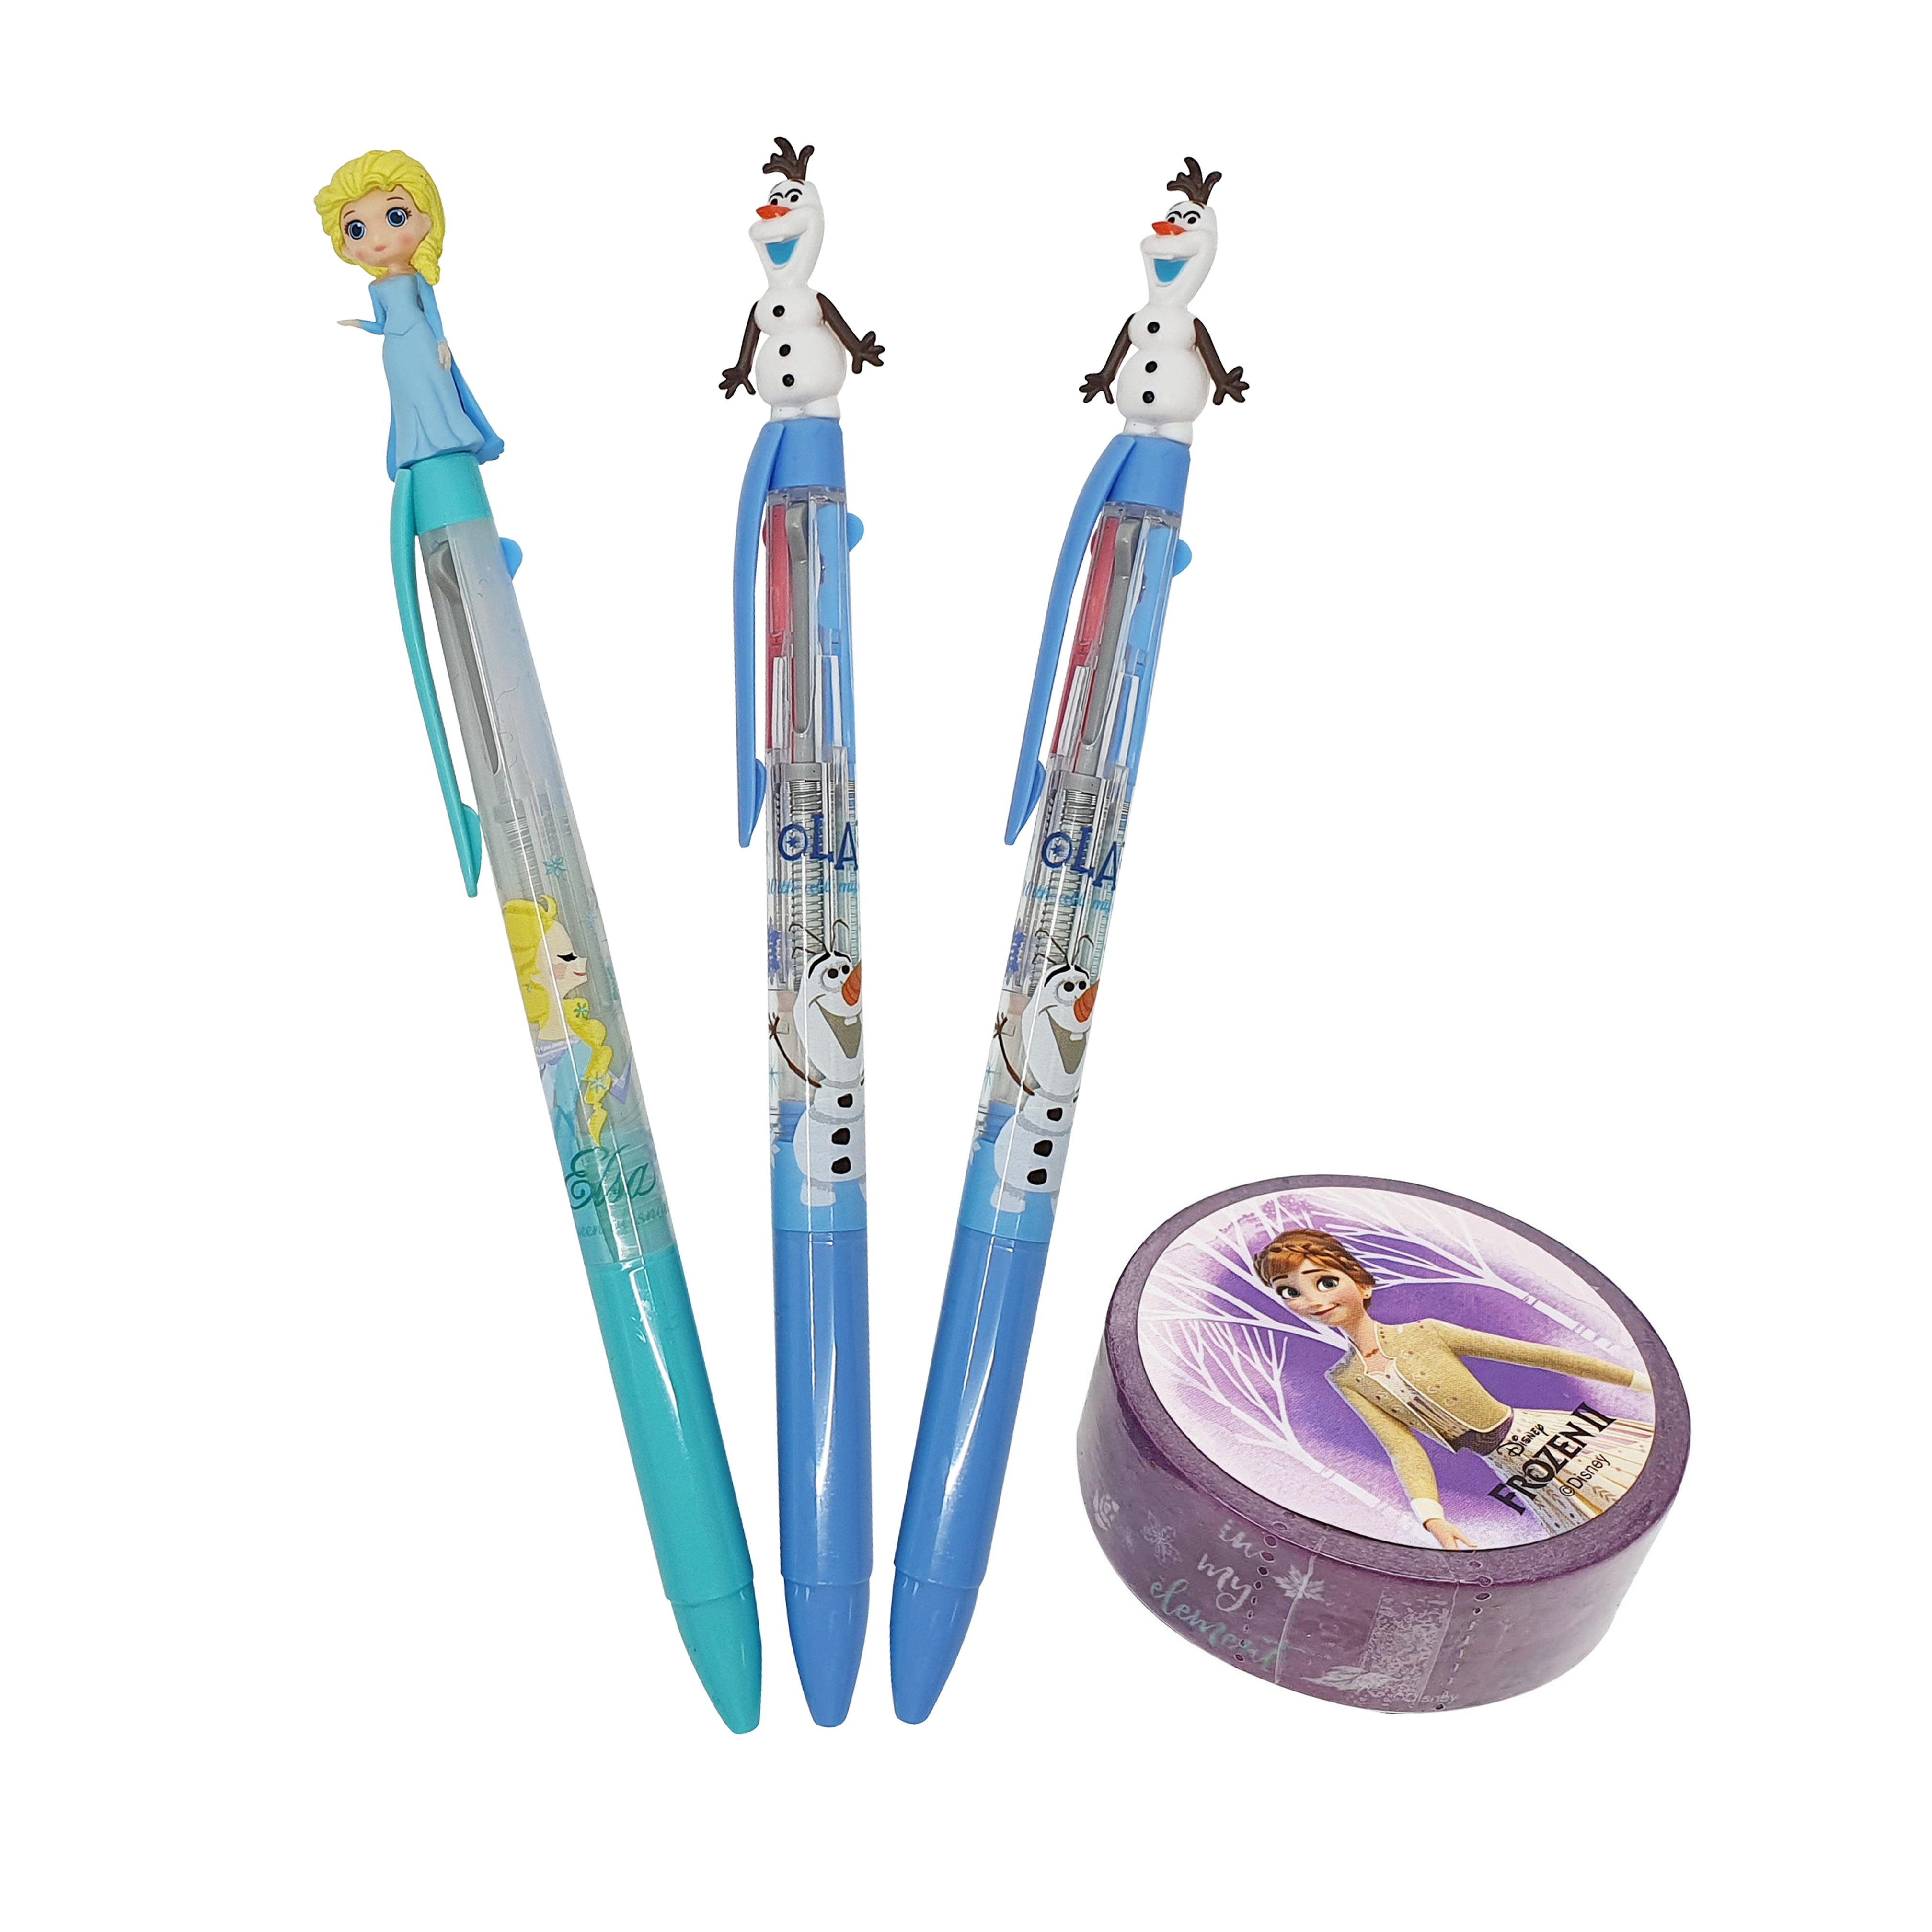 디즈니 겨울왕국 2 마스코트 3색 볼펜 0.5mm 엘사 + 올라프 2p + 마스킹테이프 1.5cm x 7m 세트 B타입, 혼합색상, 1세트